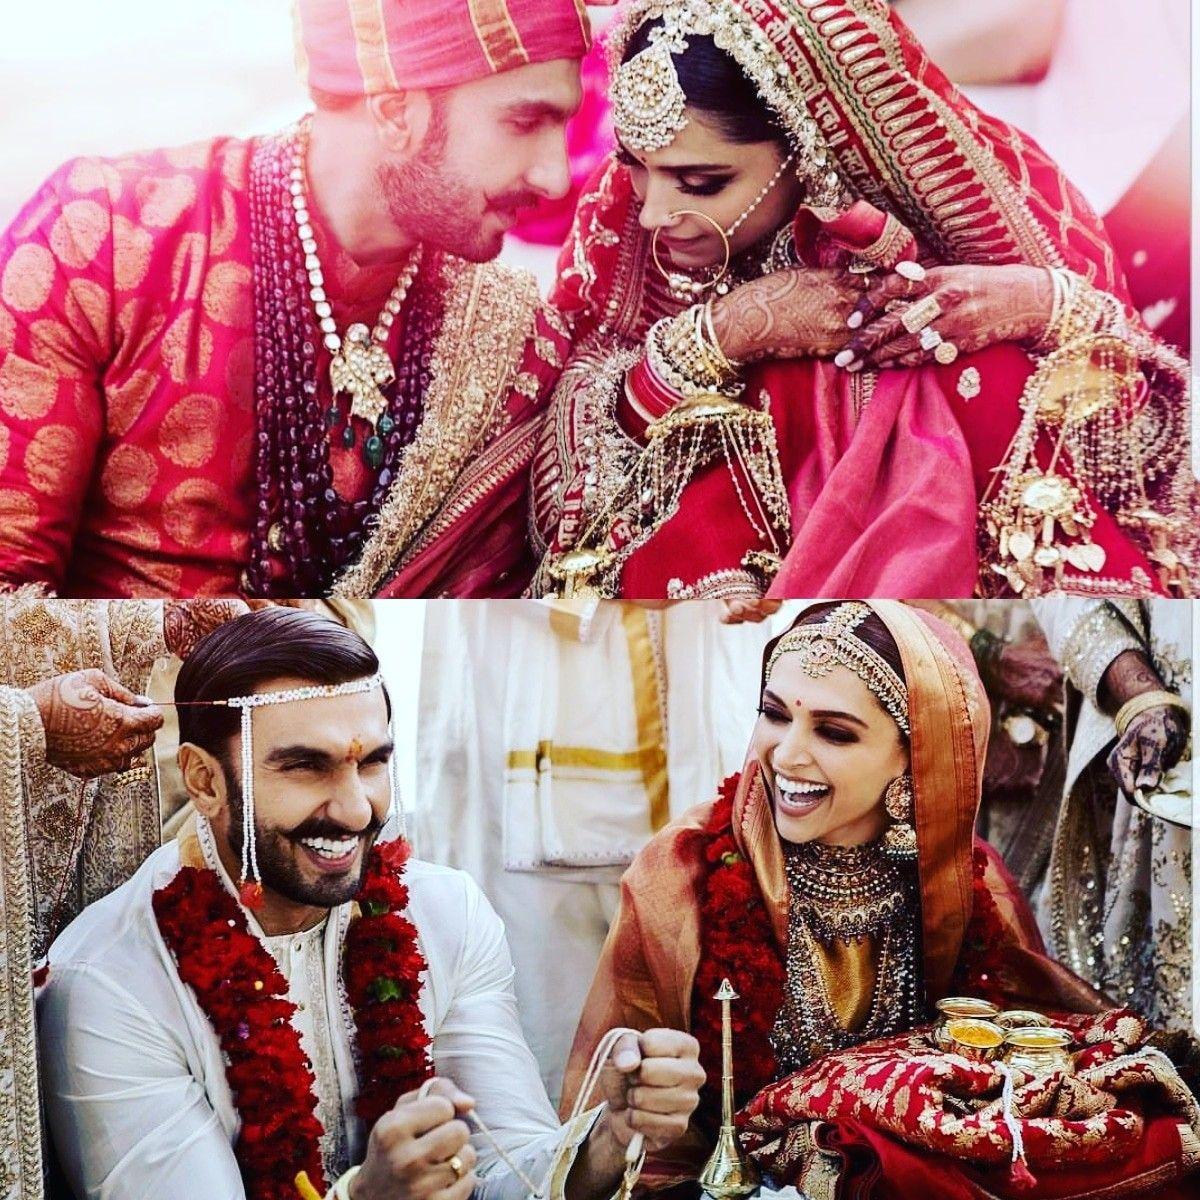 Deepikapadukone Ranveersingh Bollywood Ranveer Singh Deepika Padukone Happy Married Life